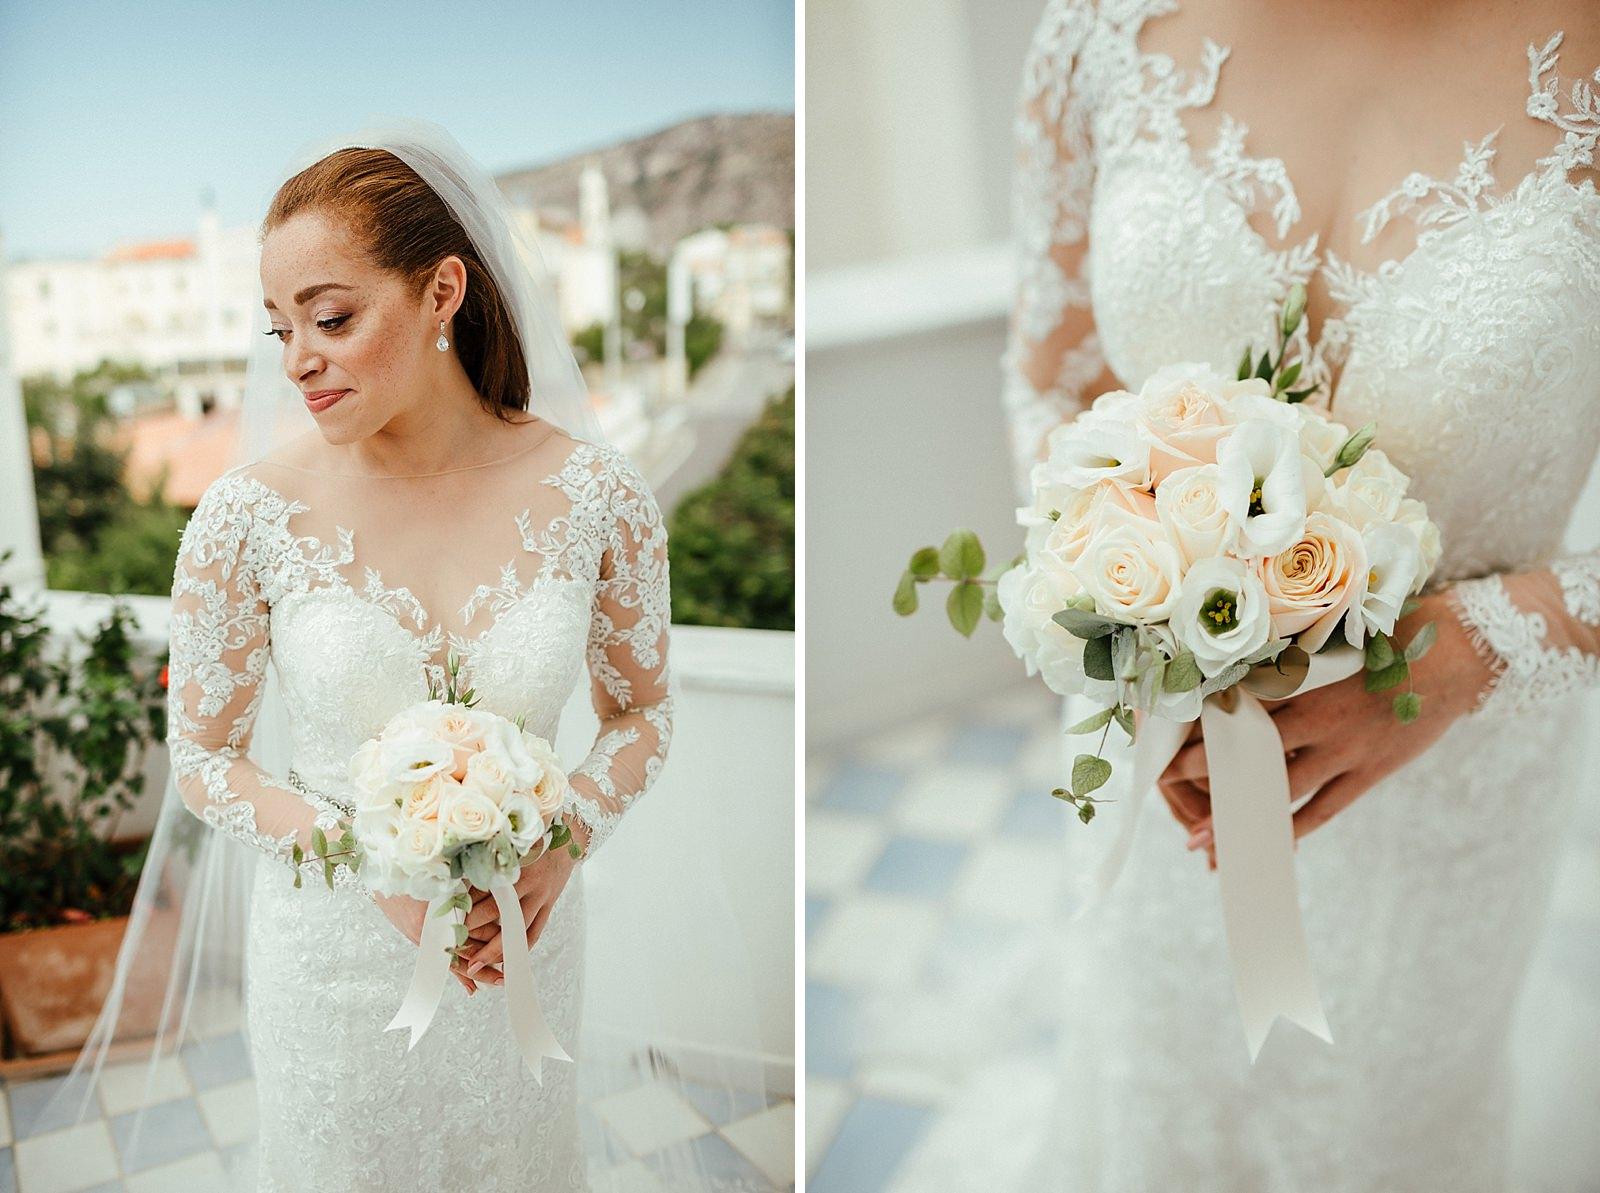 Sorrento Hotel Mediterranio bridal suite